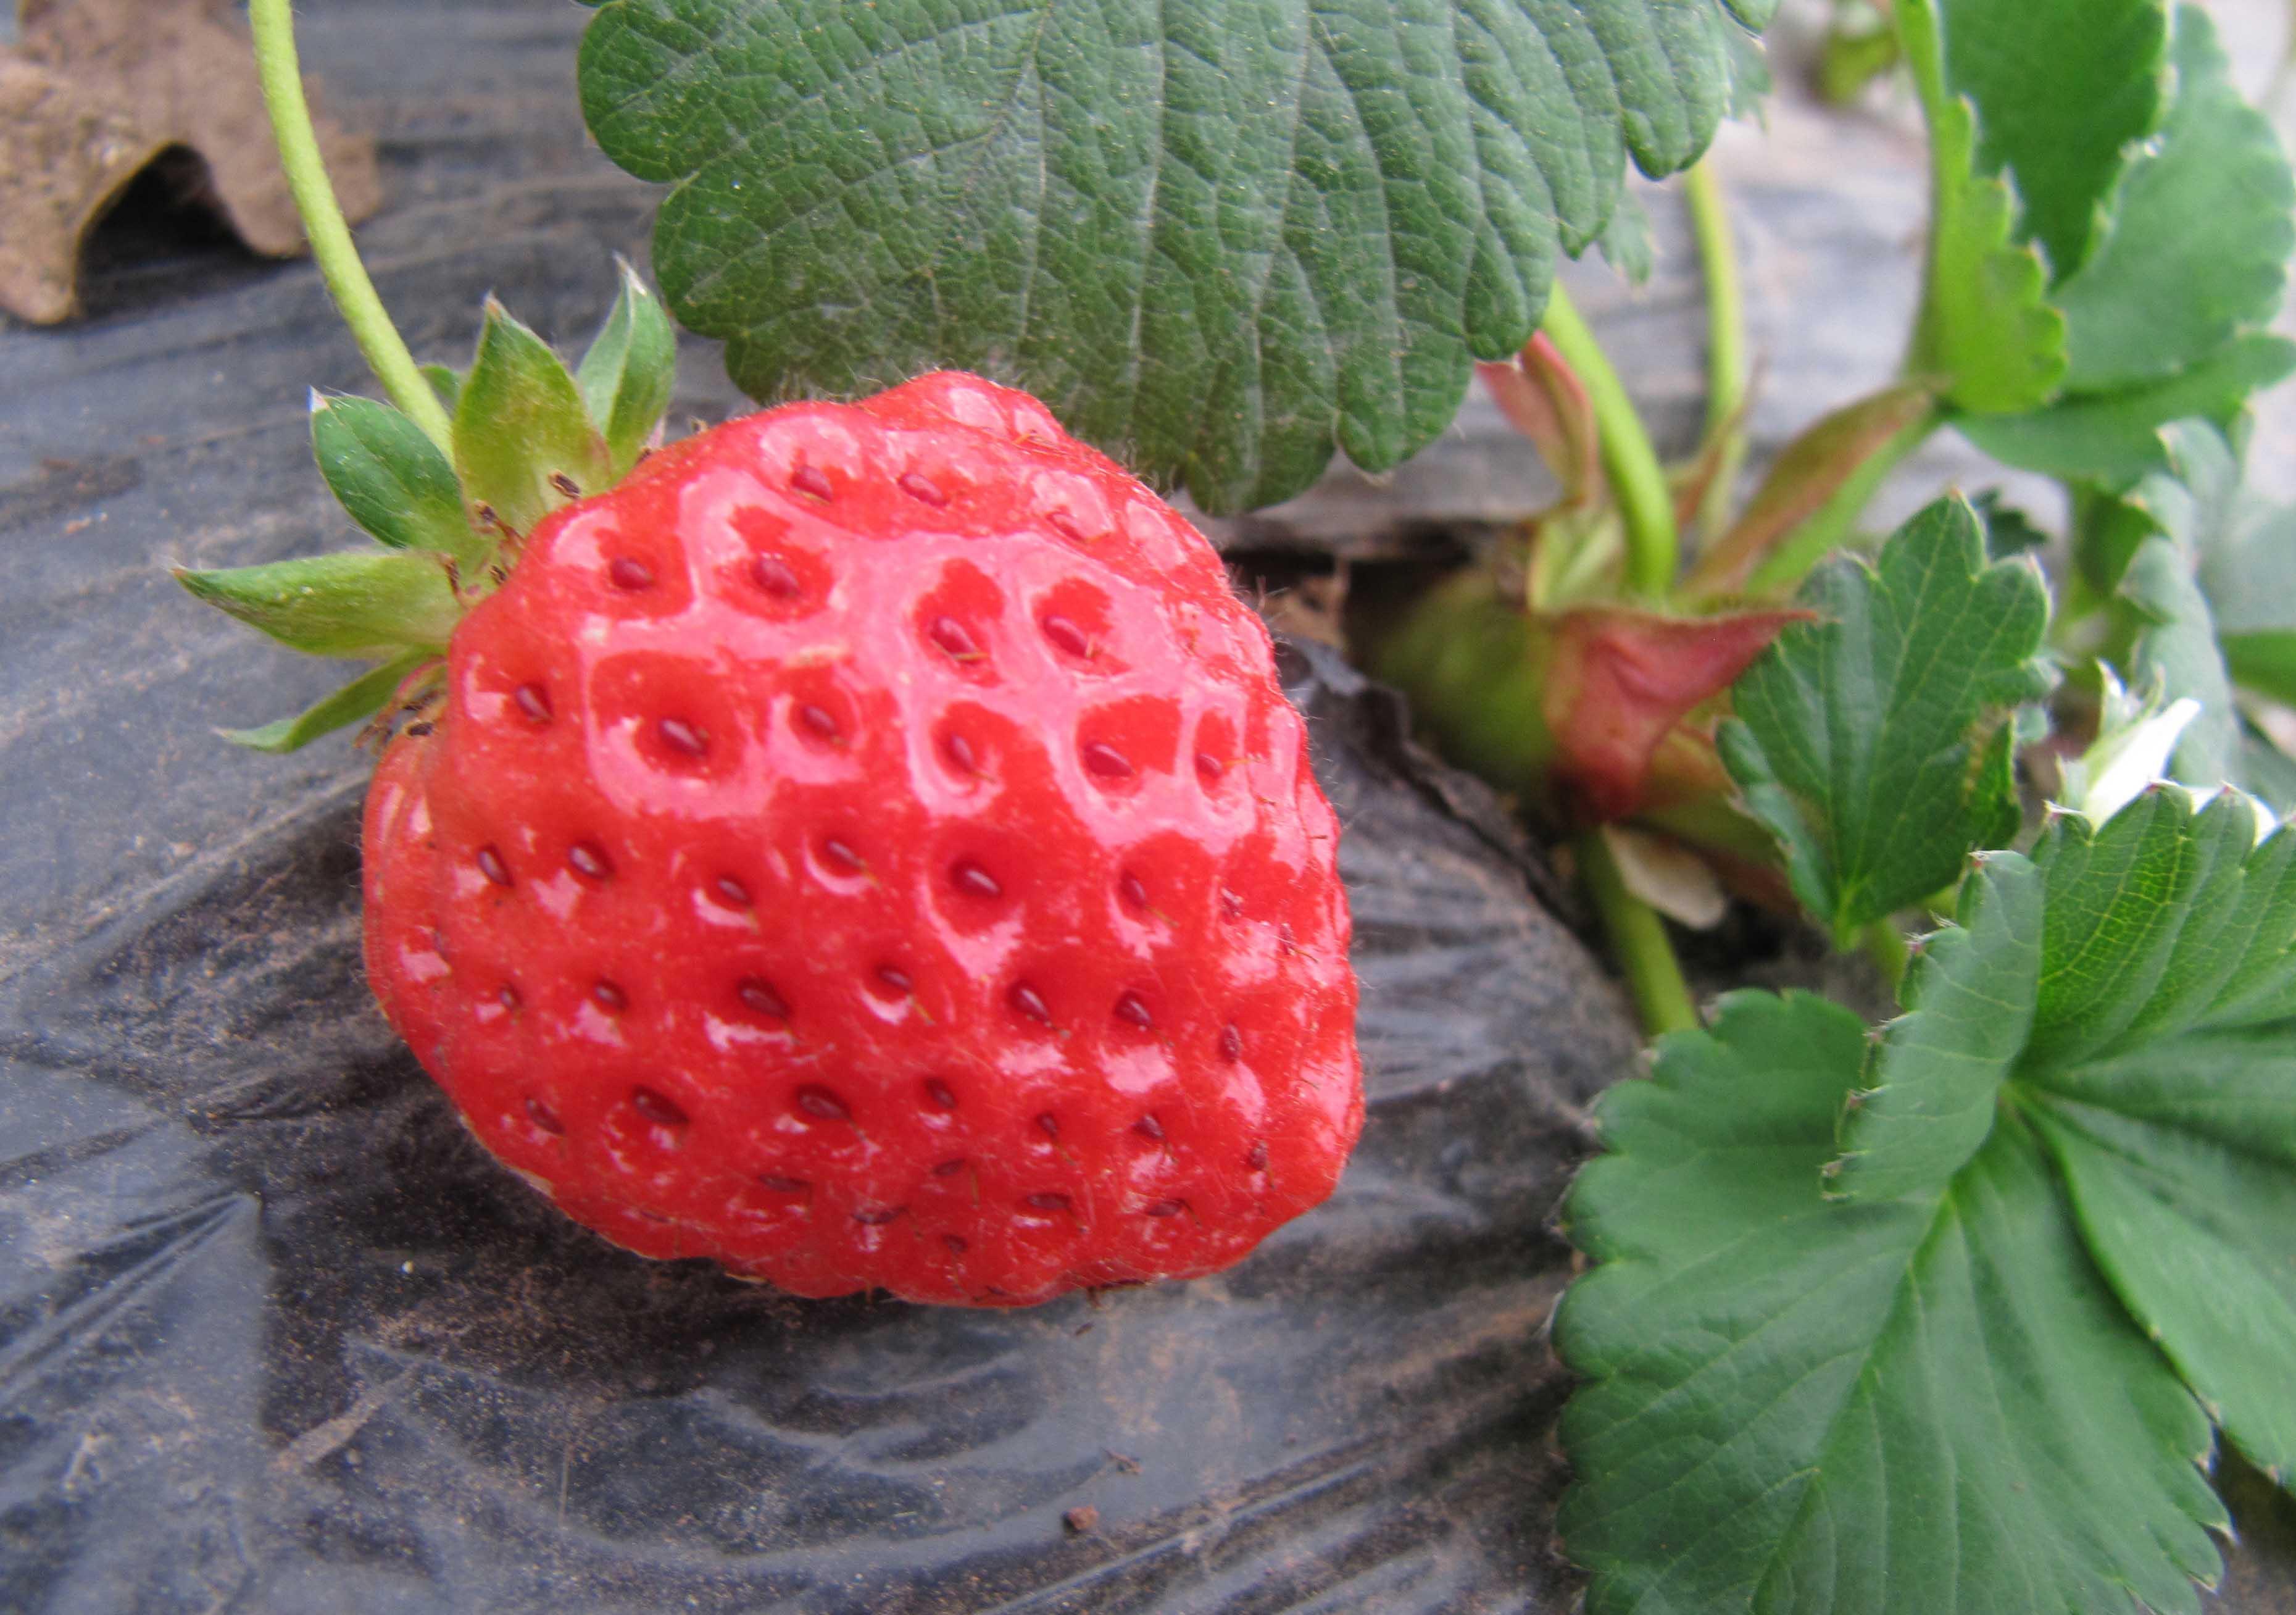 在这里说一句,我是忙着给大家拍照片去了,没有摘到几个很红的草莓,大都是半生半红的多(你们注意看嘛,那个框子里面的草莓最不红,那个就是我摘得的),但是真还是像草莓园老板说的那样,有点挂红的果子就很甜。一筐草莓由于少了中间转手环节,从地里面摘回来,在家里的冰箱里放了一个星期,都还是很新鲜的。草莓娇嫩,很容易碰伤,大家要去摘的时候,也记得像我们这样带一个框子,用塑料袋子是绝对不行的哈。当然,如果你准备摘回来就做草莓酱,那又另当别论了。 望大家都走进春天,走进大自然,感受春天、享受大自然赐予人类的快乐!